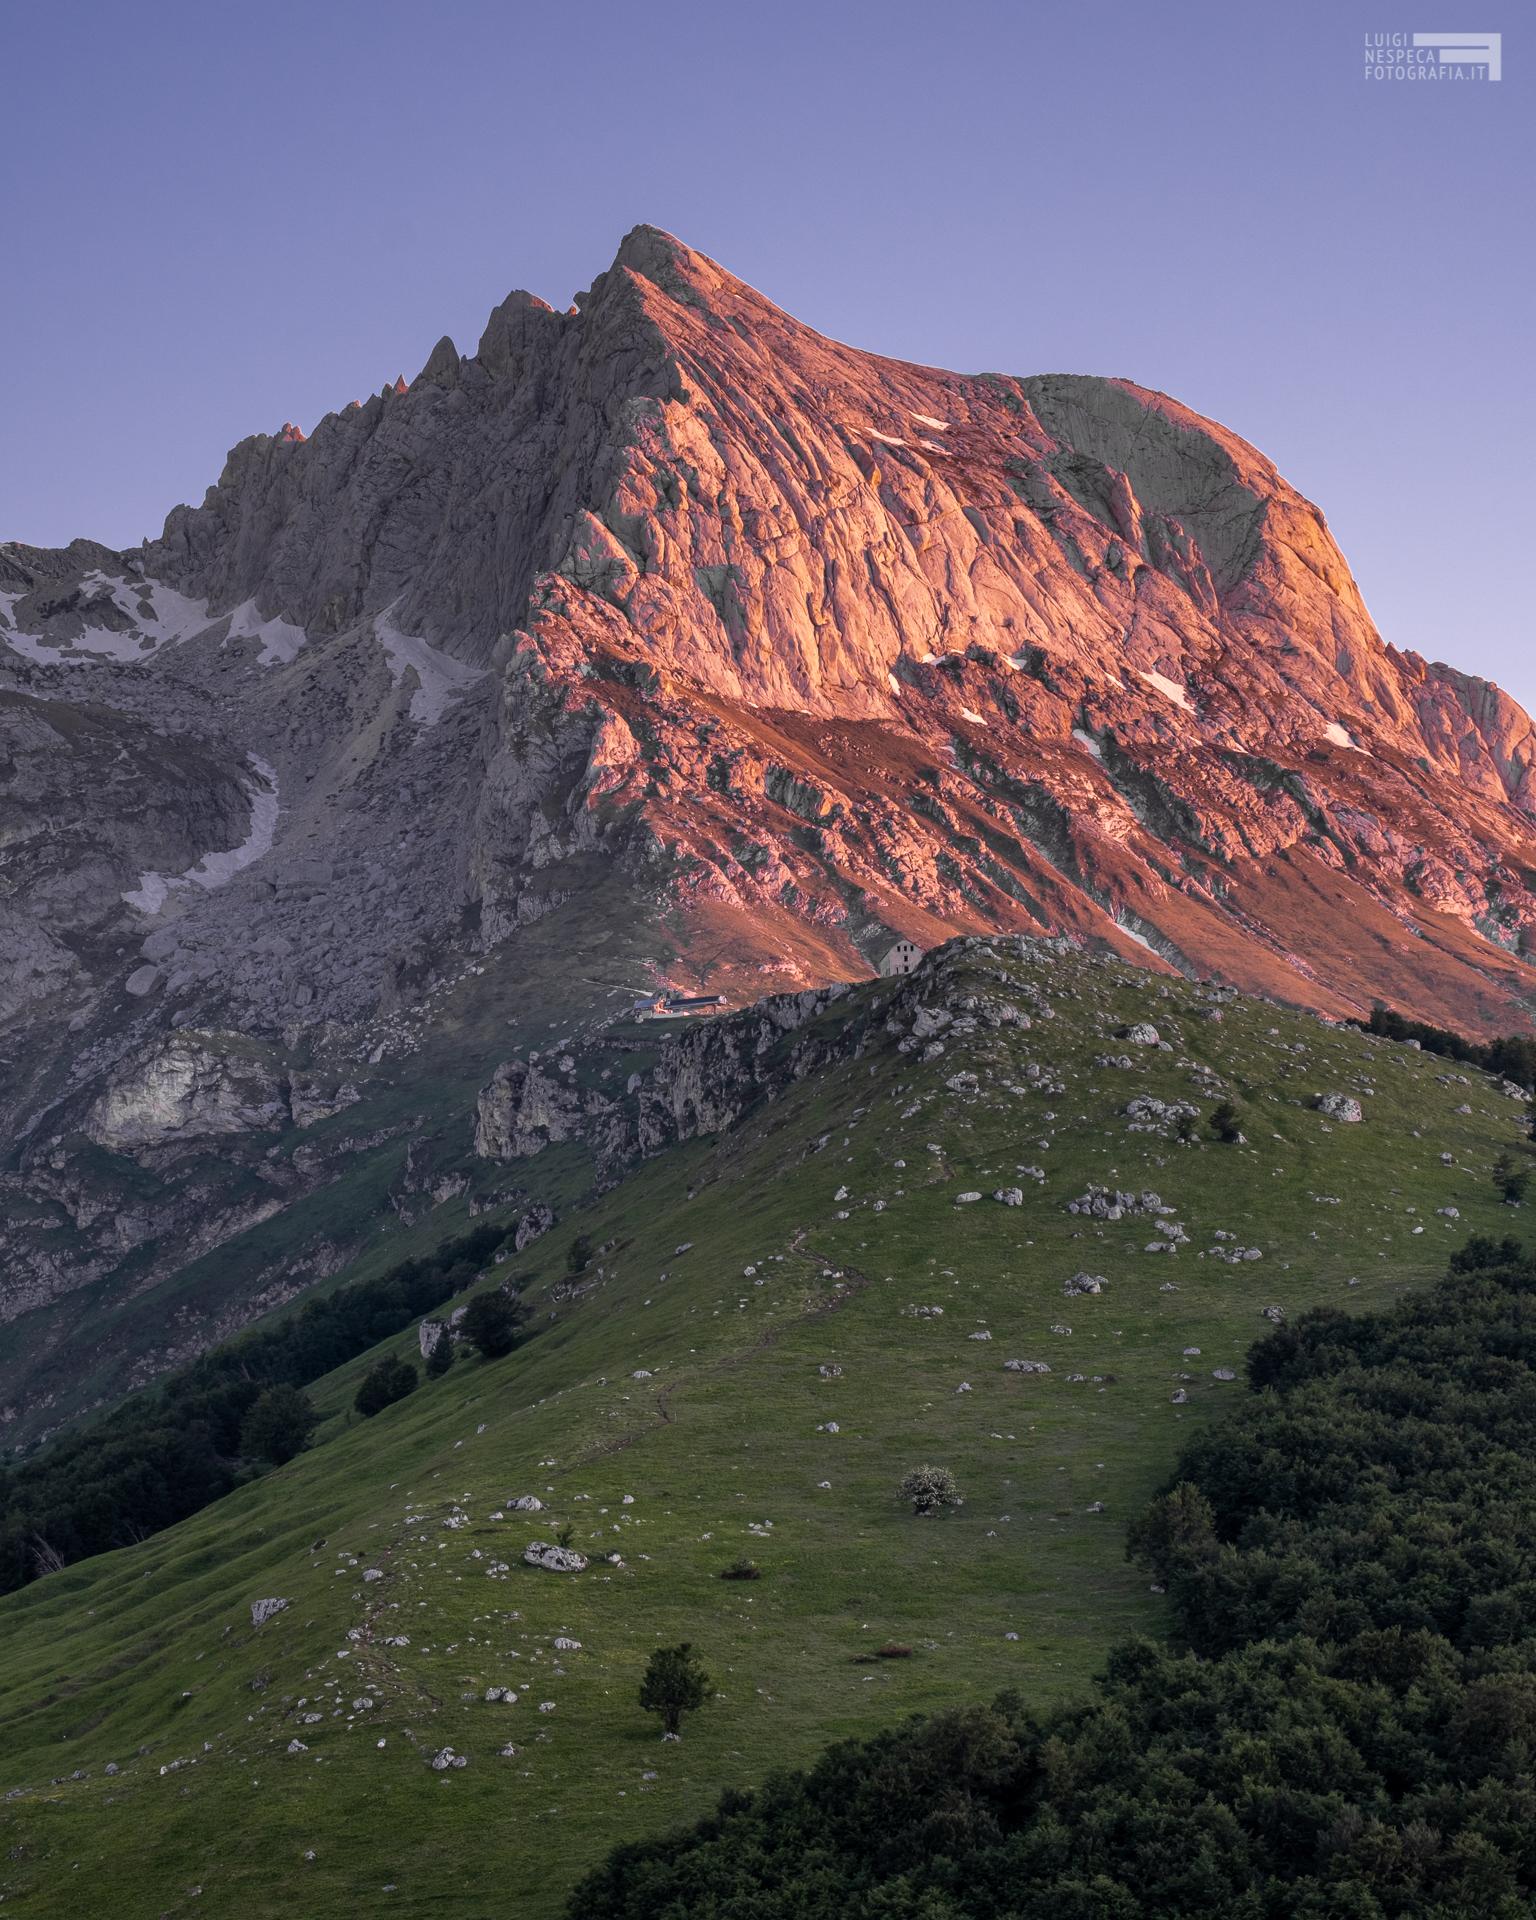 Giugno 2020 - Corno Piccolo da Cima Alta - Prati di Tivo - GRAN SASSO